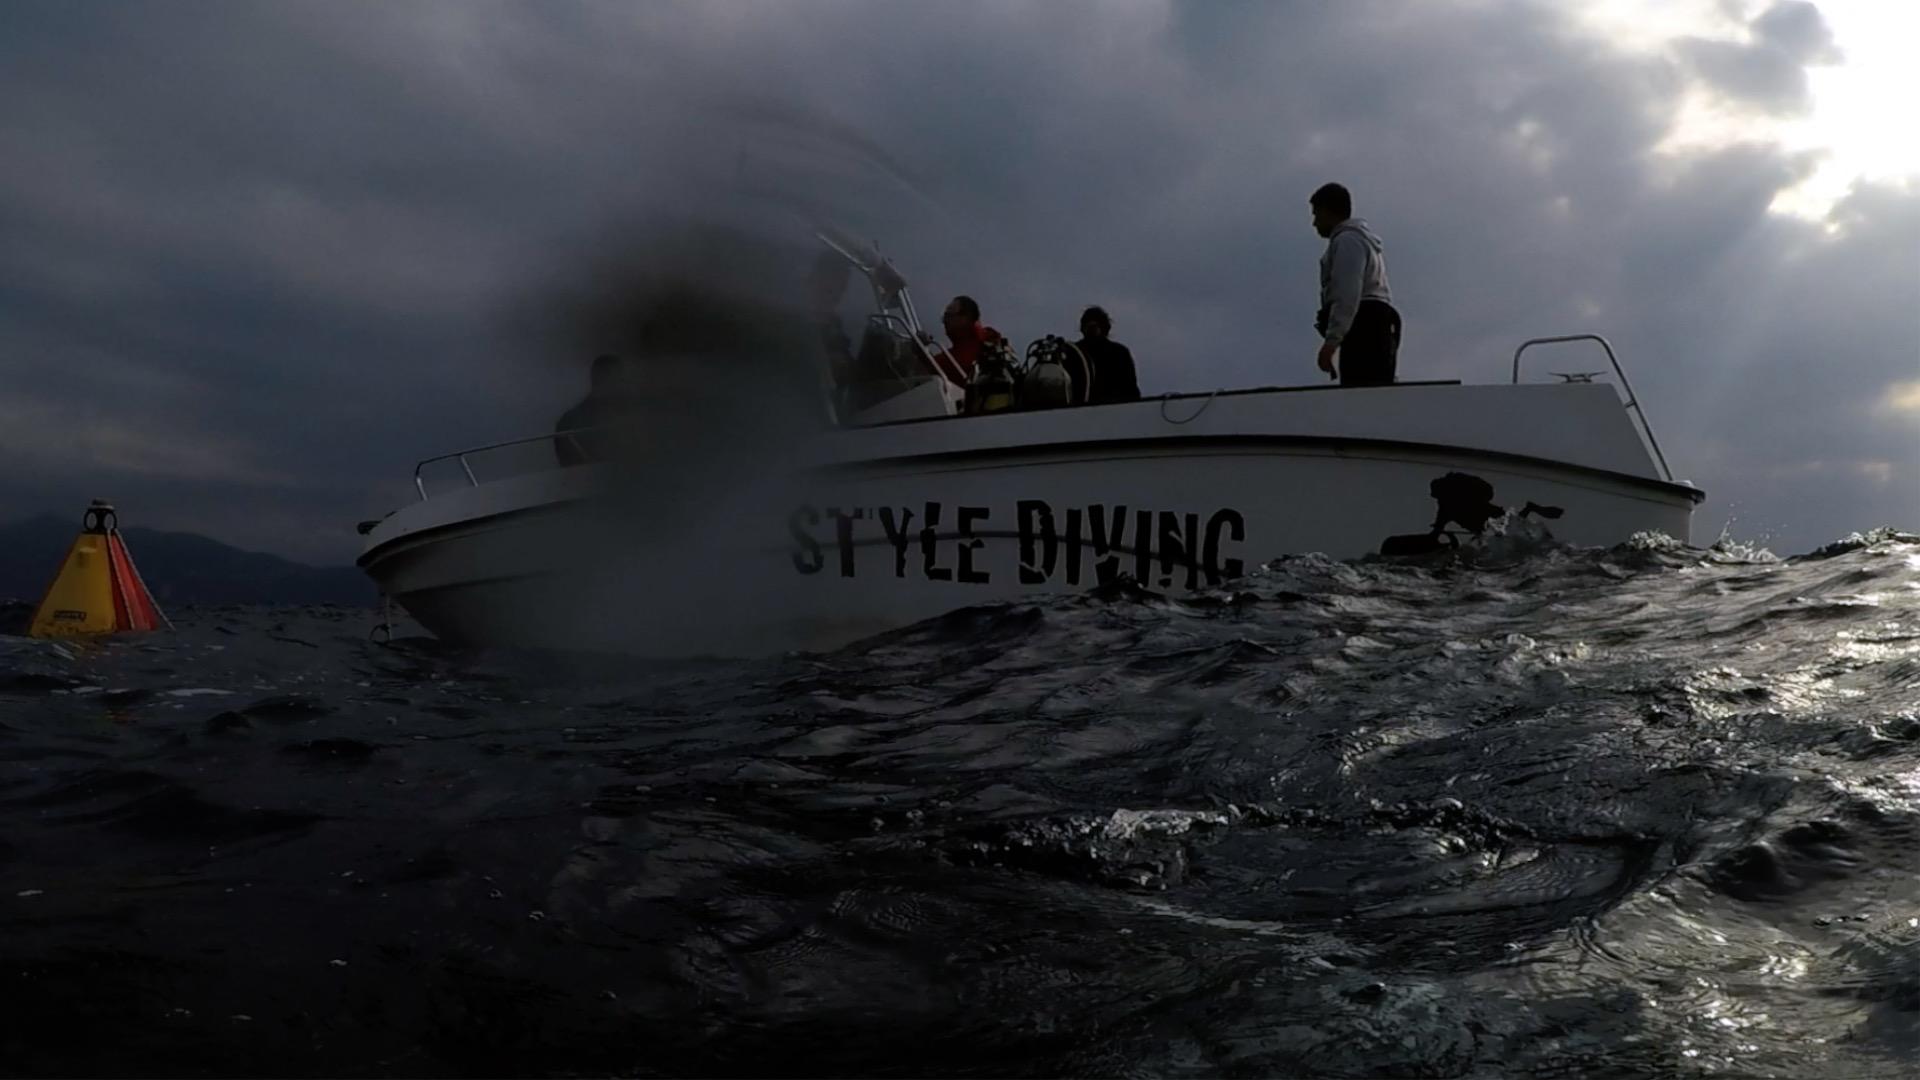 La barca di Style Diving